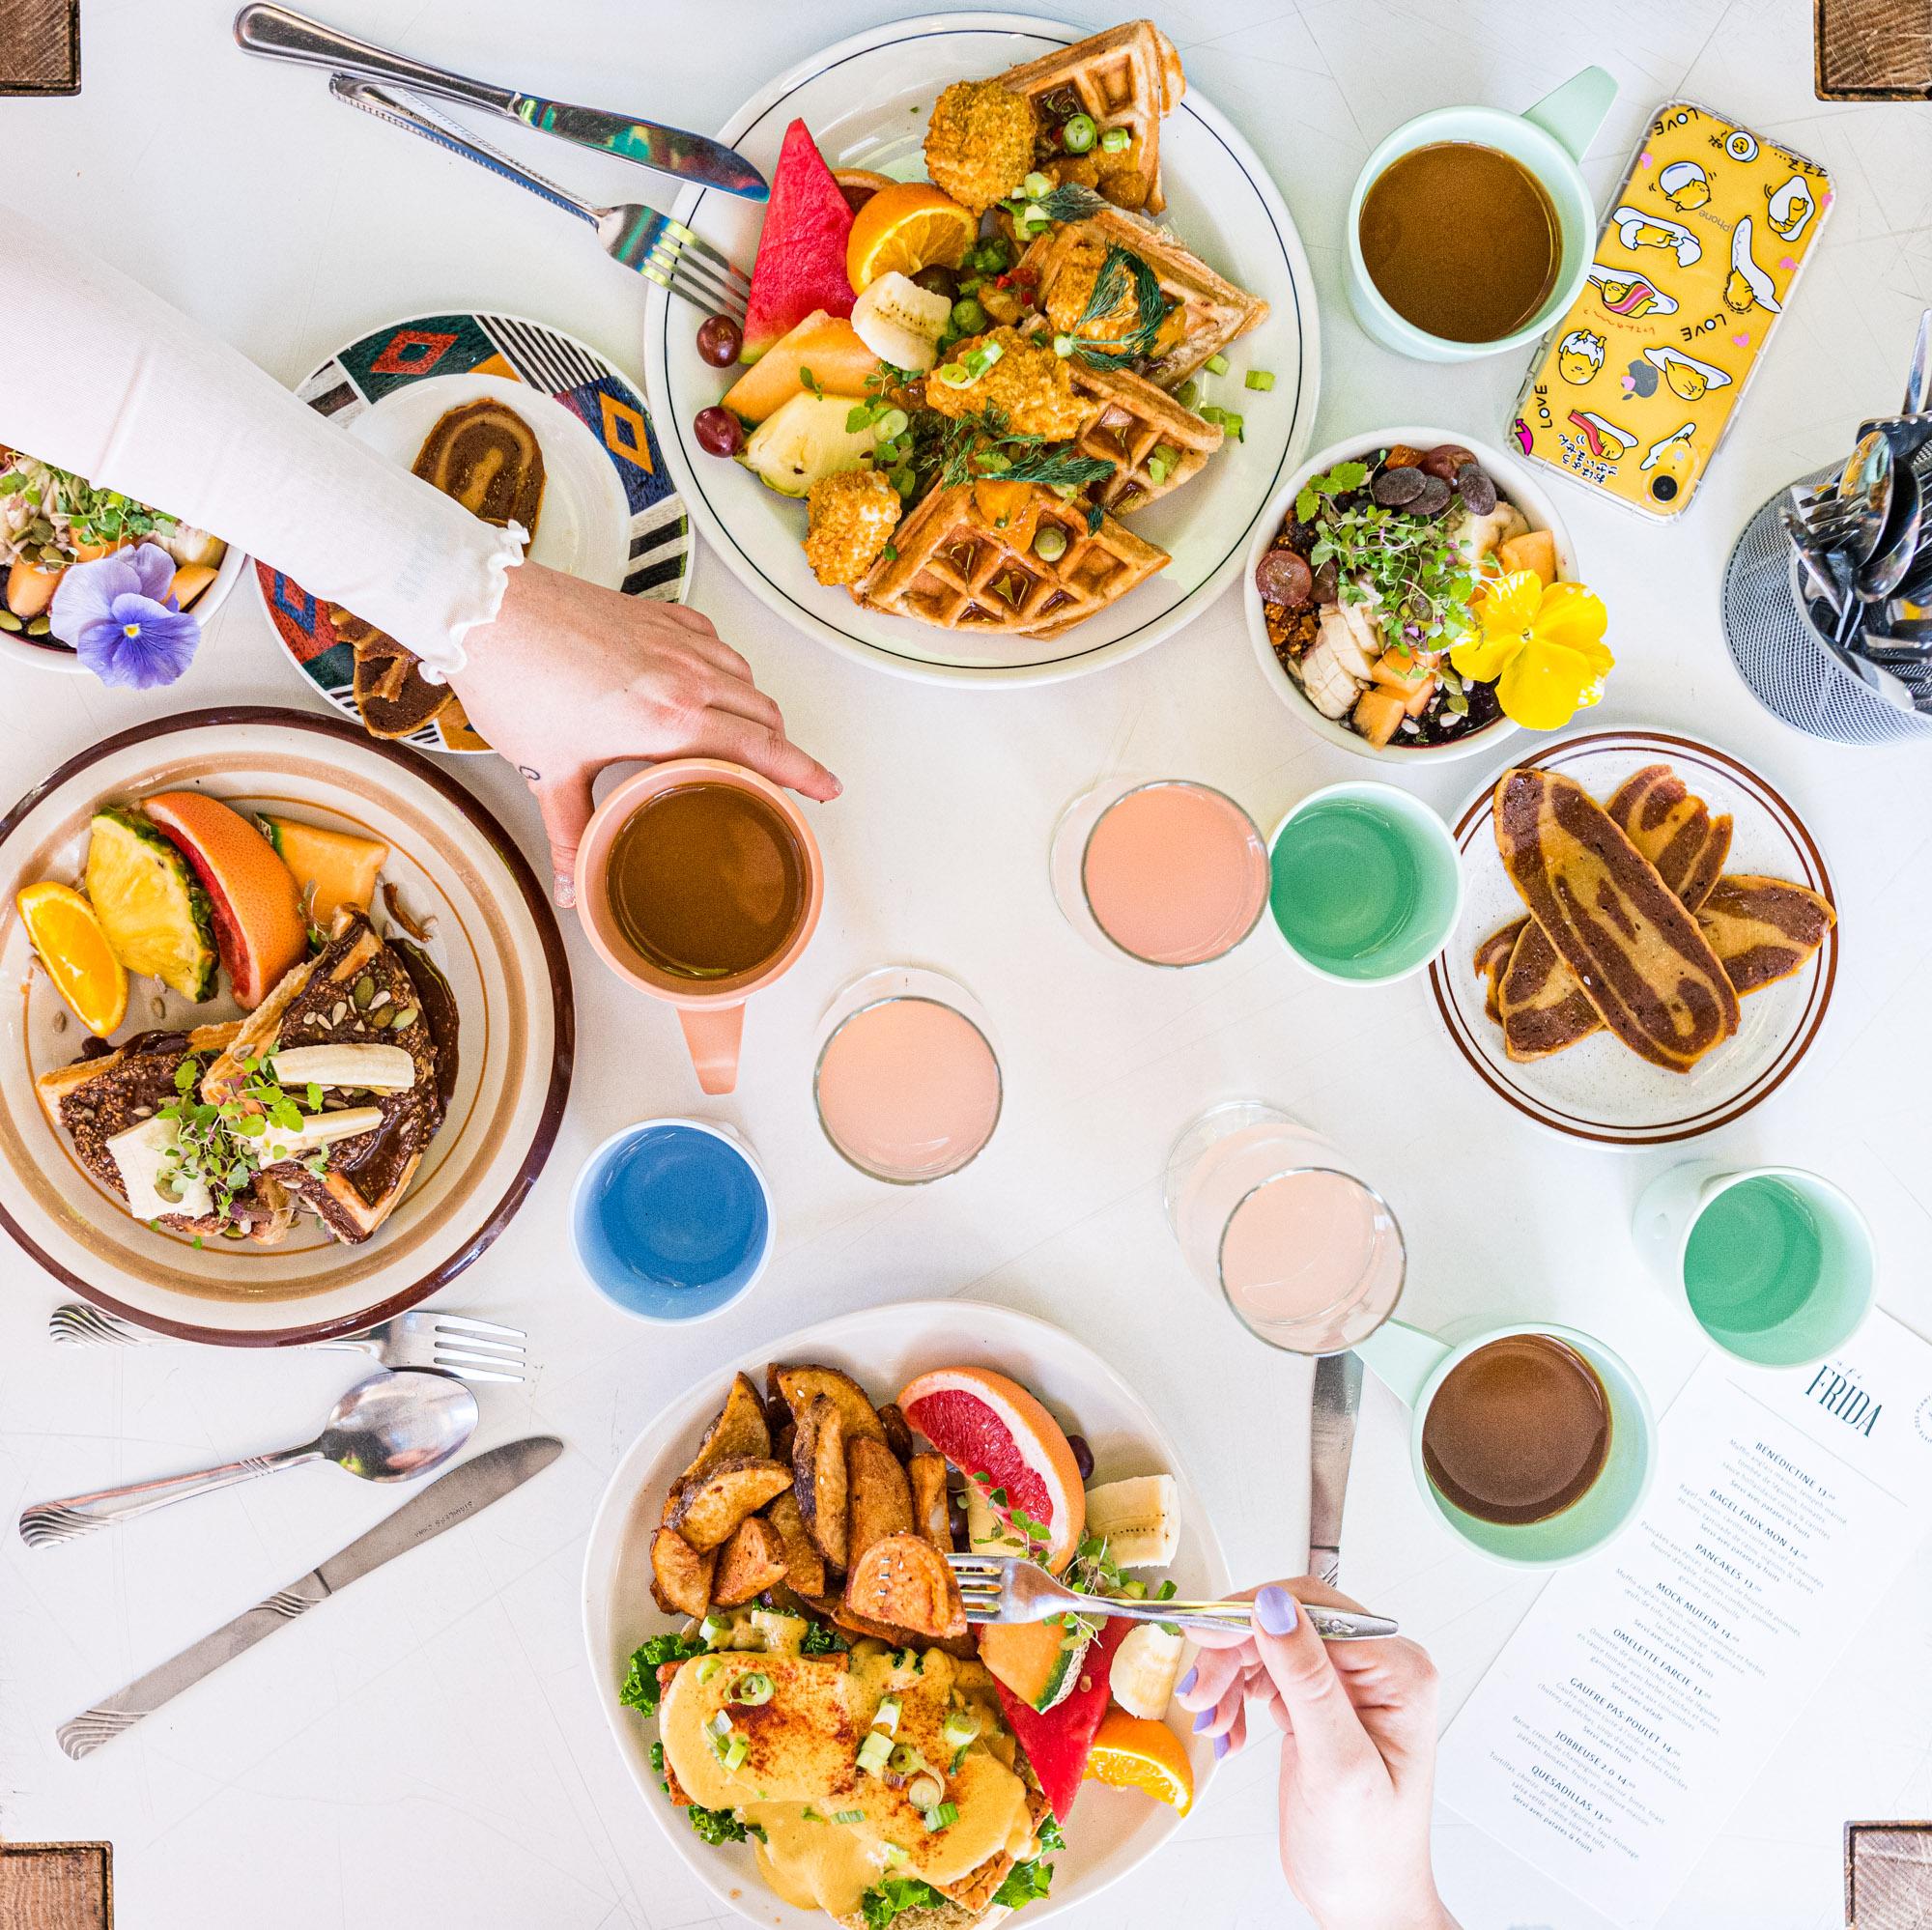 Quoi faire à Trois-Rivières — Déjeuner chez Café Frida — Vegan — Trois-Rivières — Jeff Frenette Photography